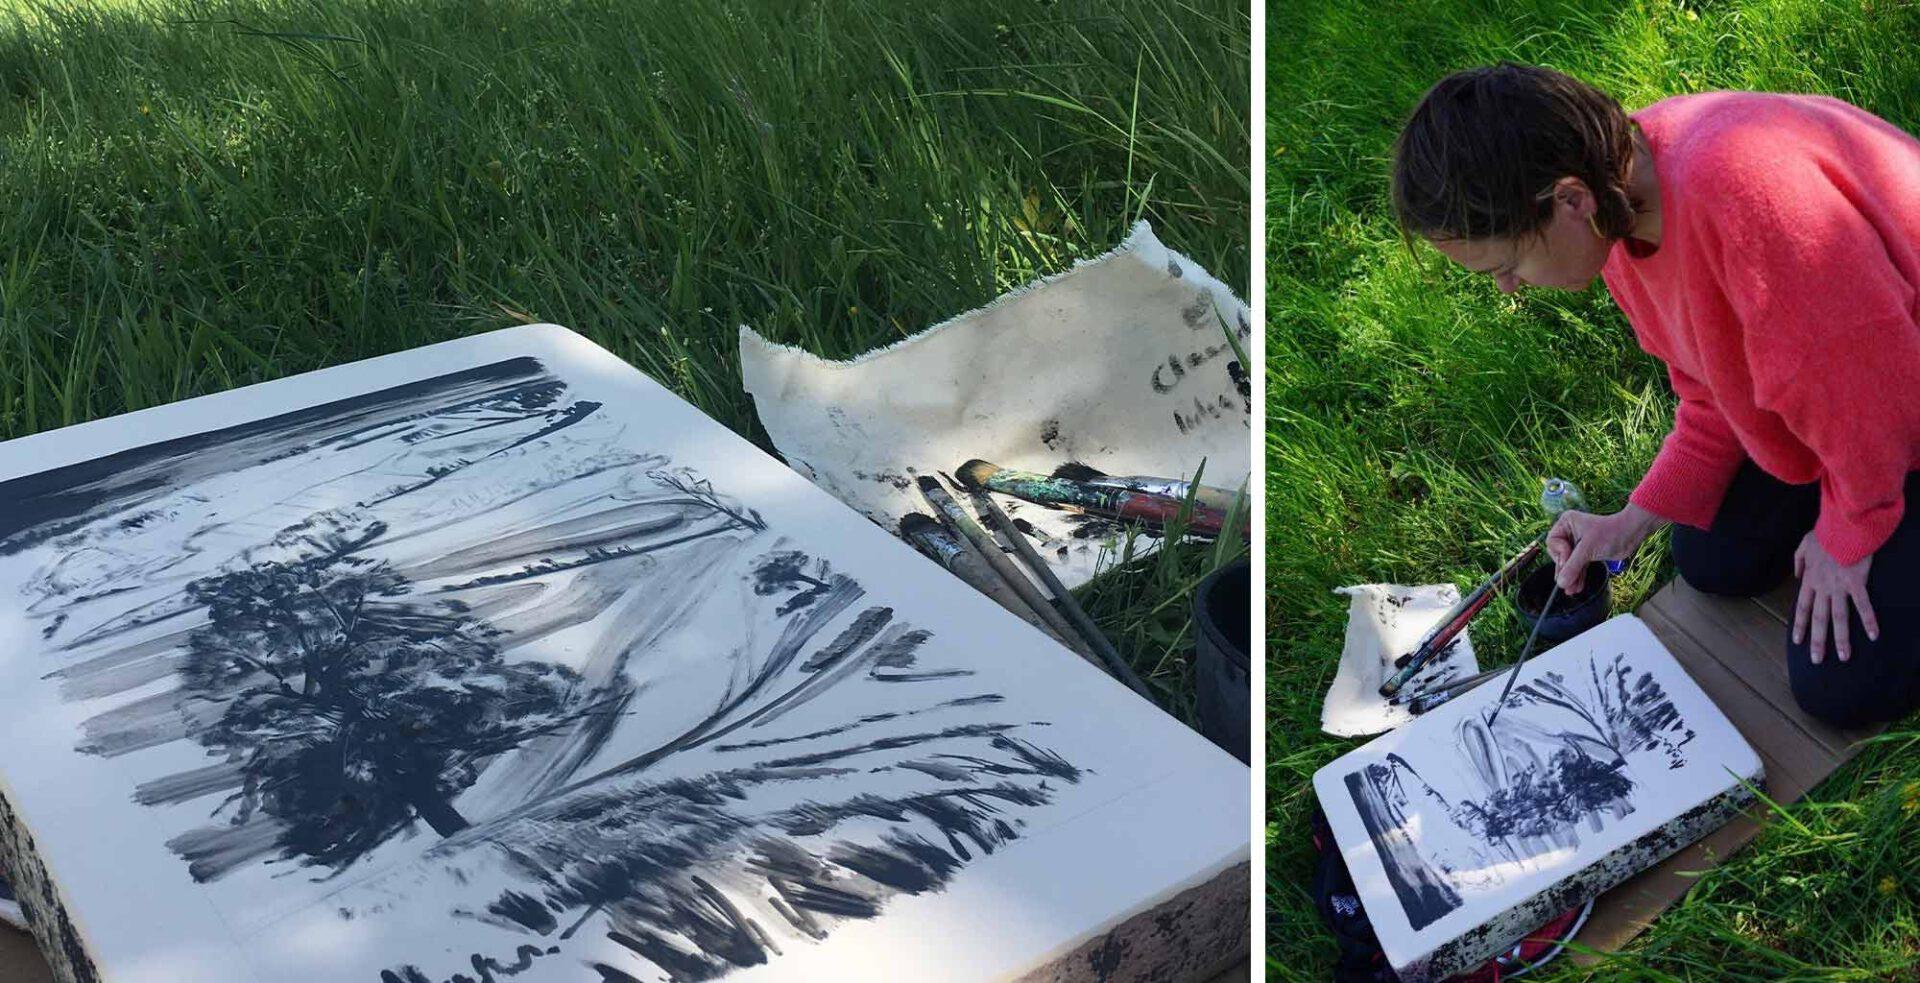 Die Collage besteht aus zwei Bildern. Im Bild links liegt ein bezeichneter Lithographie-Stein im Gras. Rechts davon liegen Pinsel. Der Stein zeigt eine Landschaft mit einem Baum als zentrales Element. Das Bild rechts zeigt Yvette Kießling mit Pinsel in der rechten Hand beim Arbeiten am Lithographie-Stein.